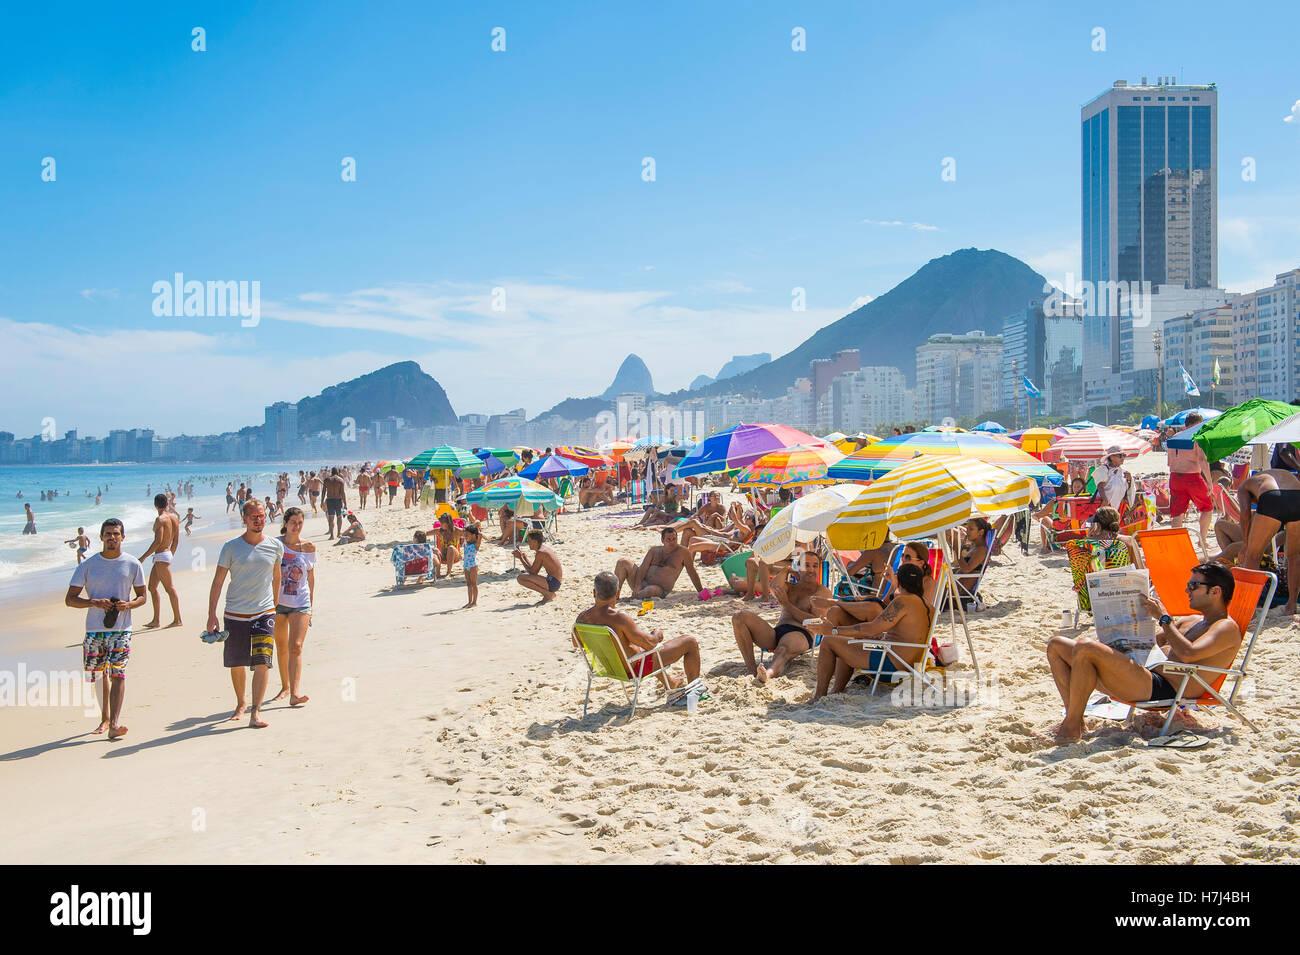 RIO DE JANEIRO - FEBRUARY 27, 2016: Crowds of beachgoers fill Copacabana Beach with colorful umbrellas on a bright - Stock Image